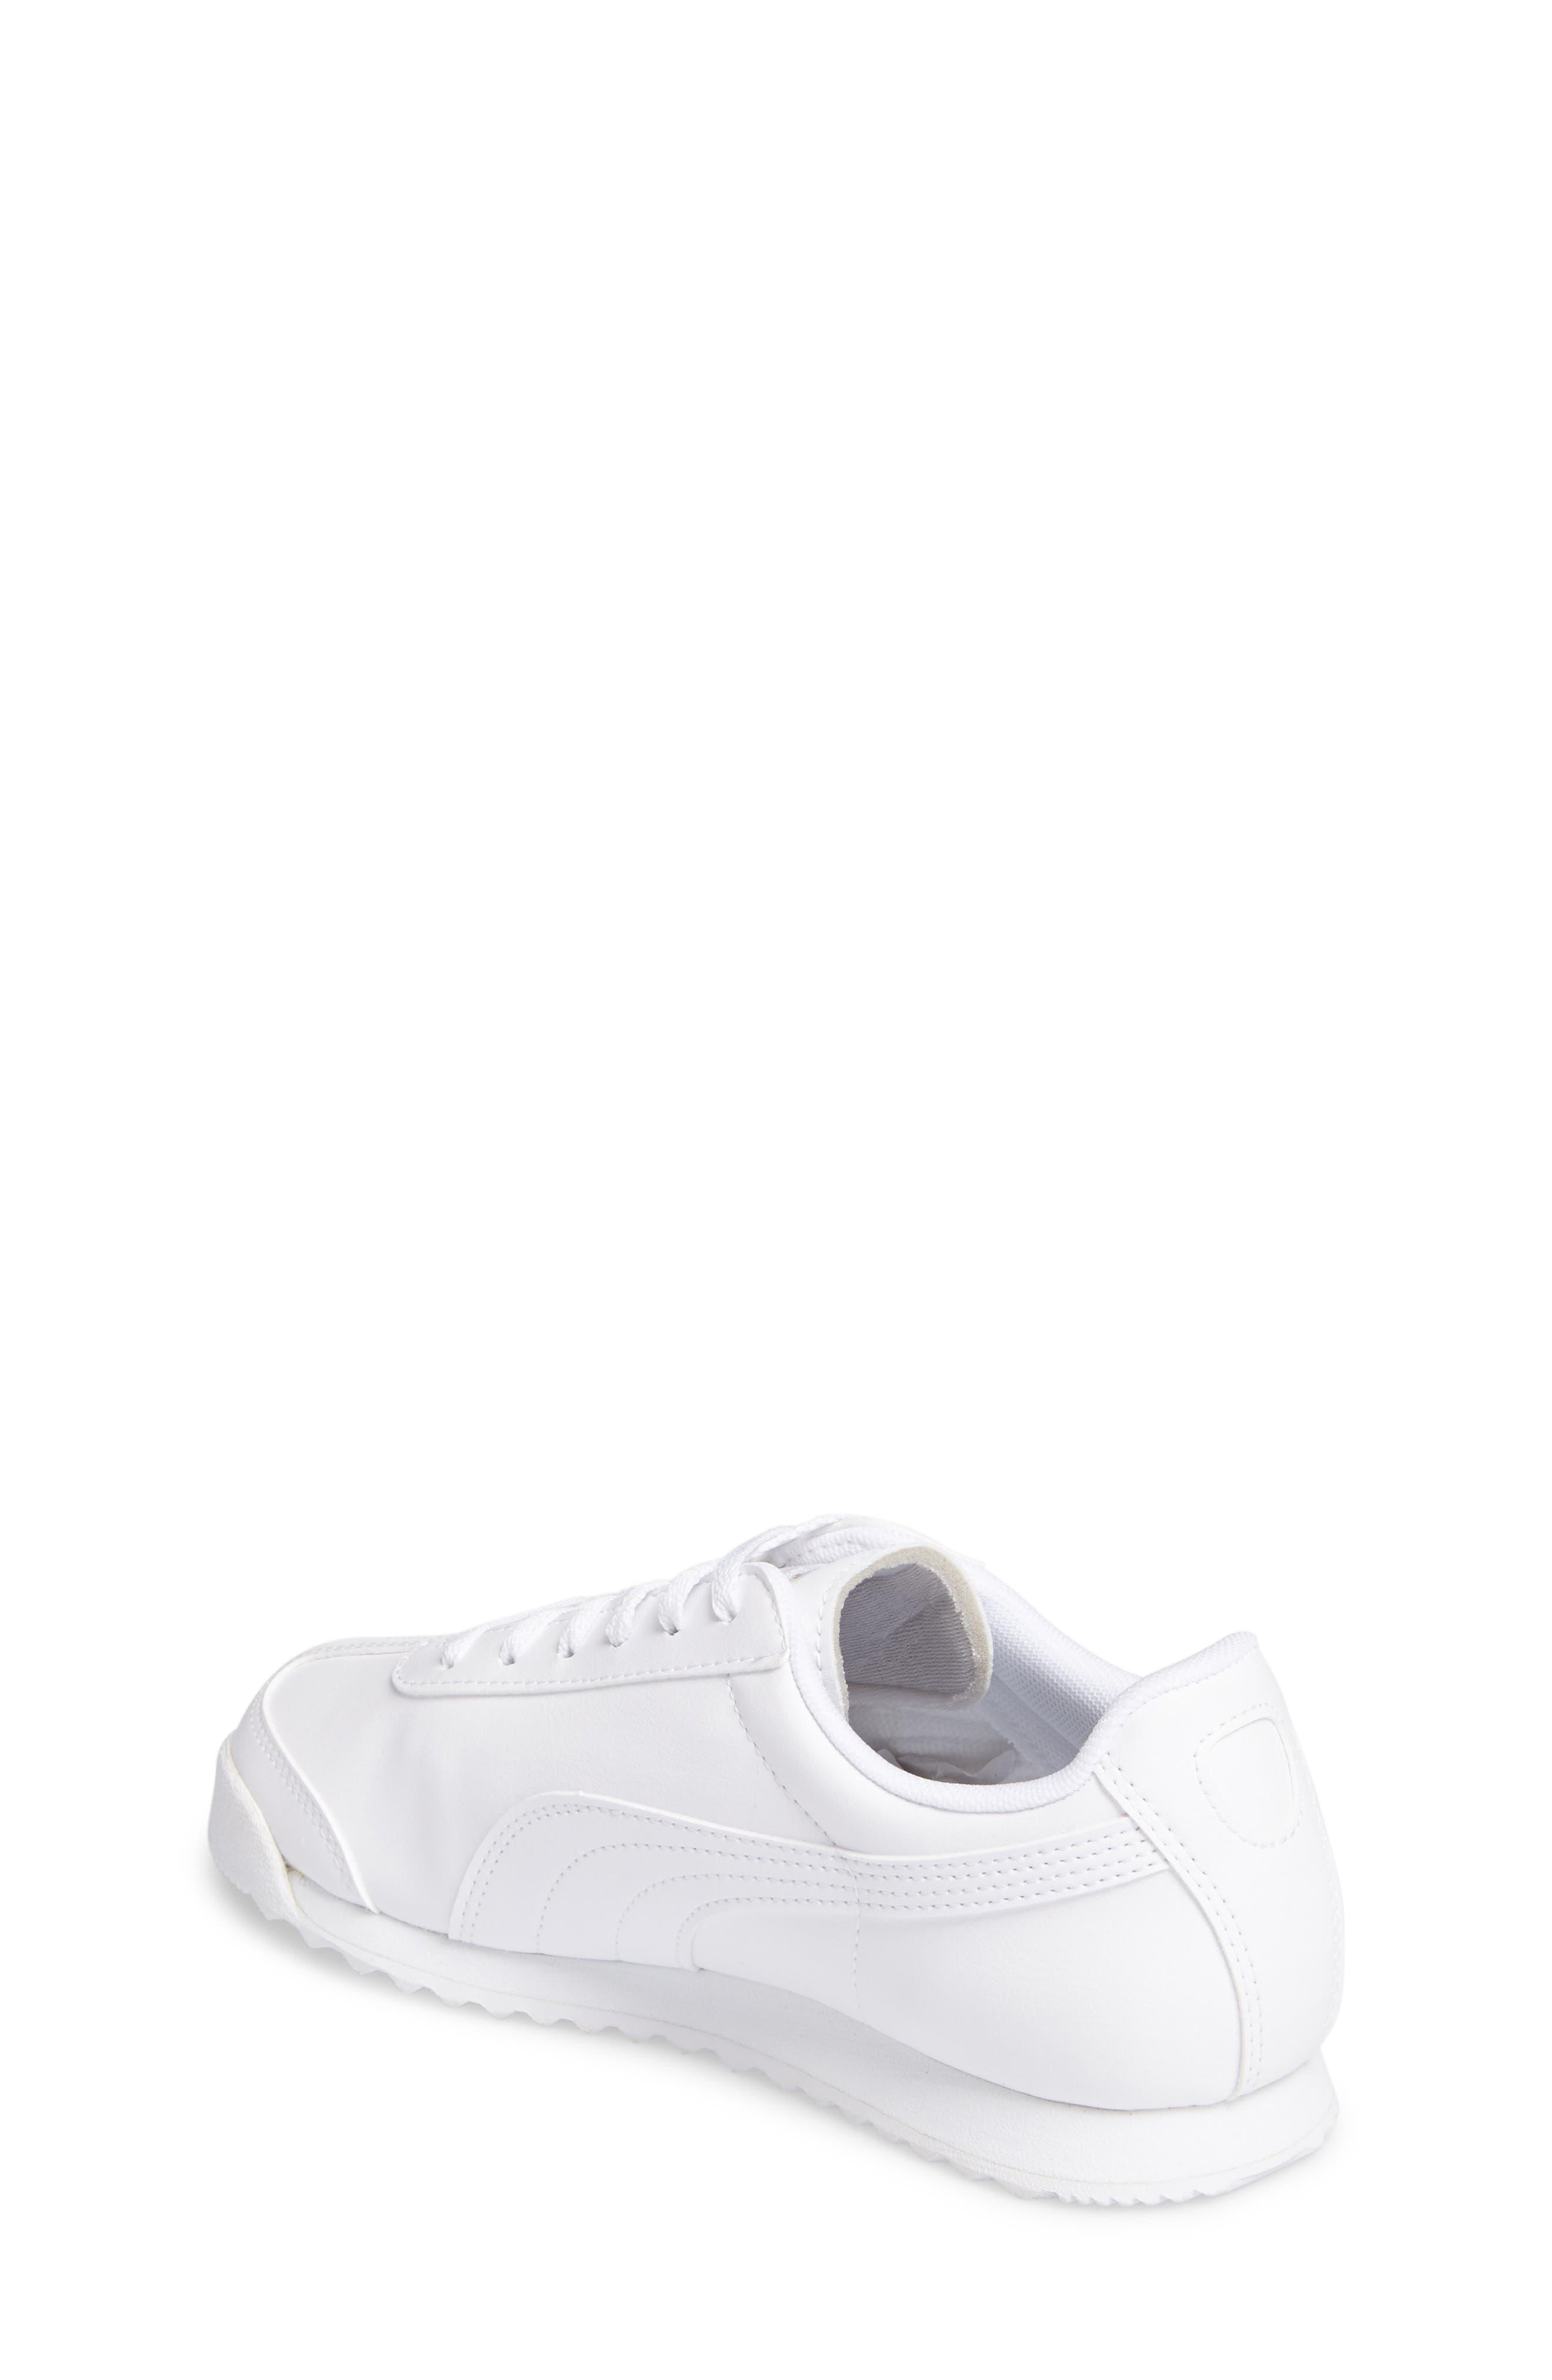 Roma Basic Sneaker,                             Alternate thumbnail 2, color,                             White/ Light Grey